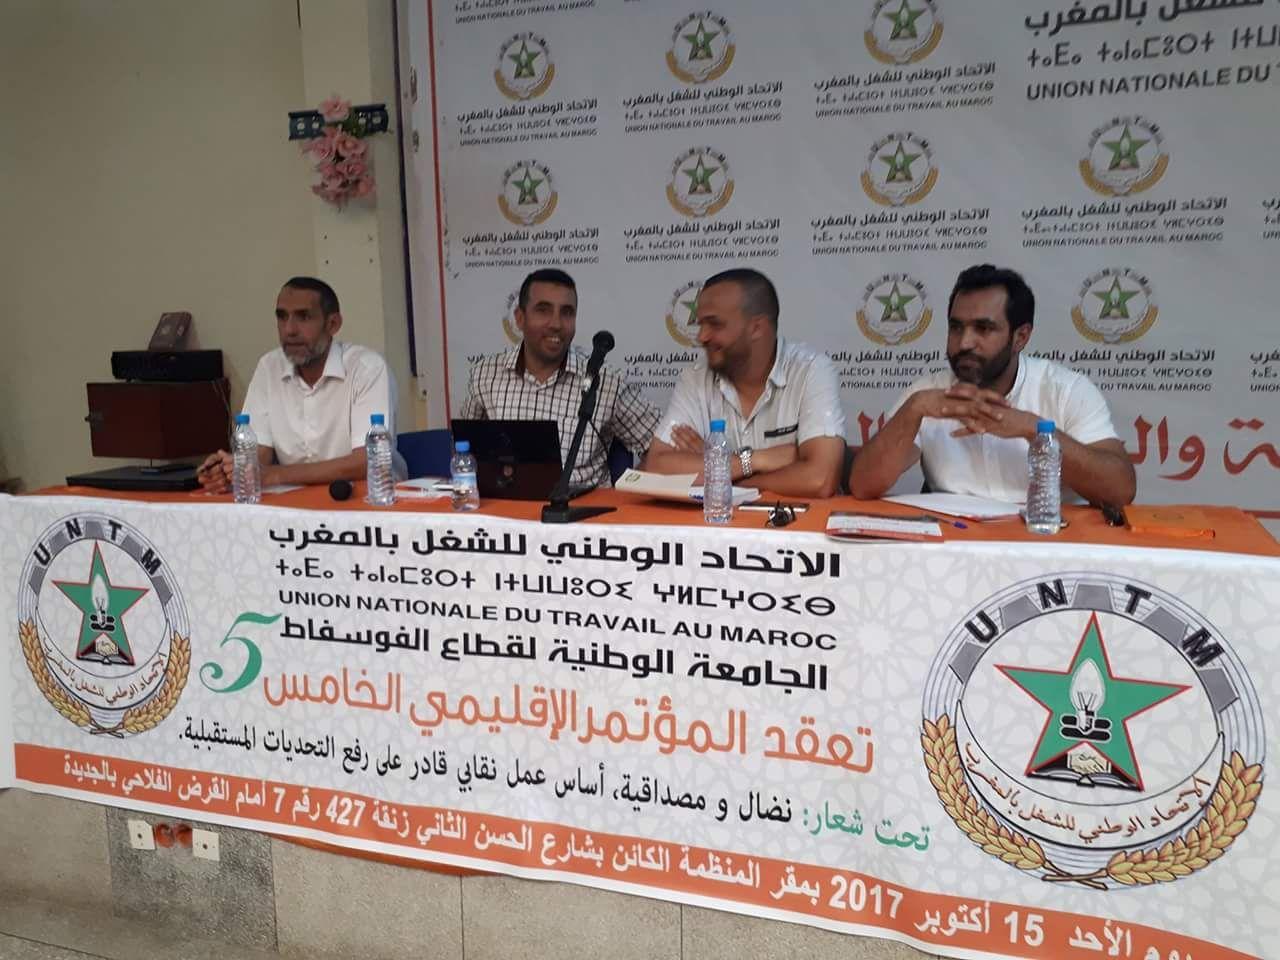 الجامعة الوطنية لقطاع الفوسفاط  تعقد مؤتمرها الاقليمي الخامس بالجديدة